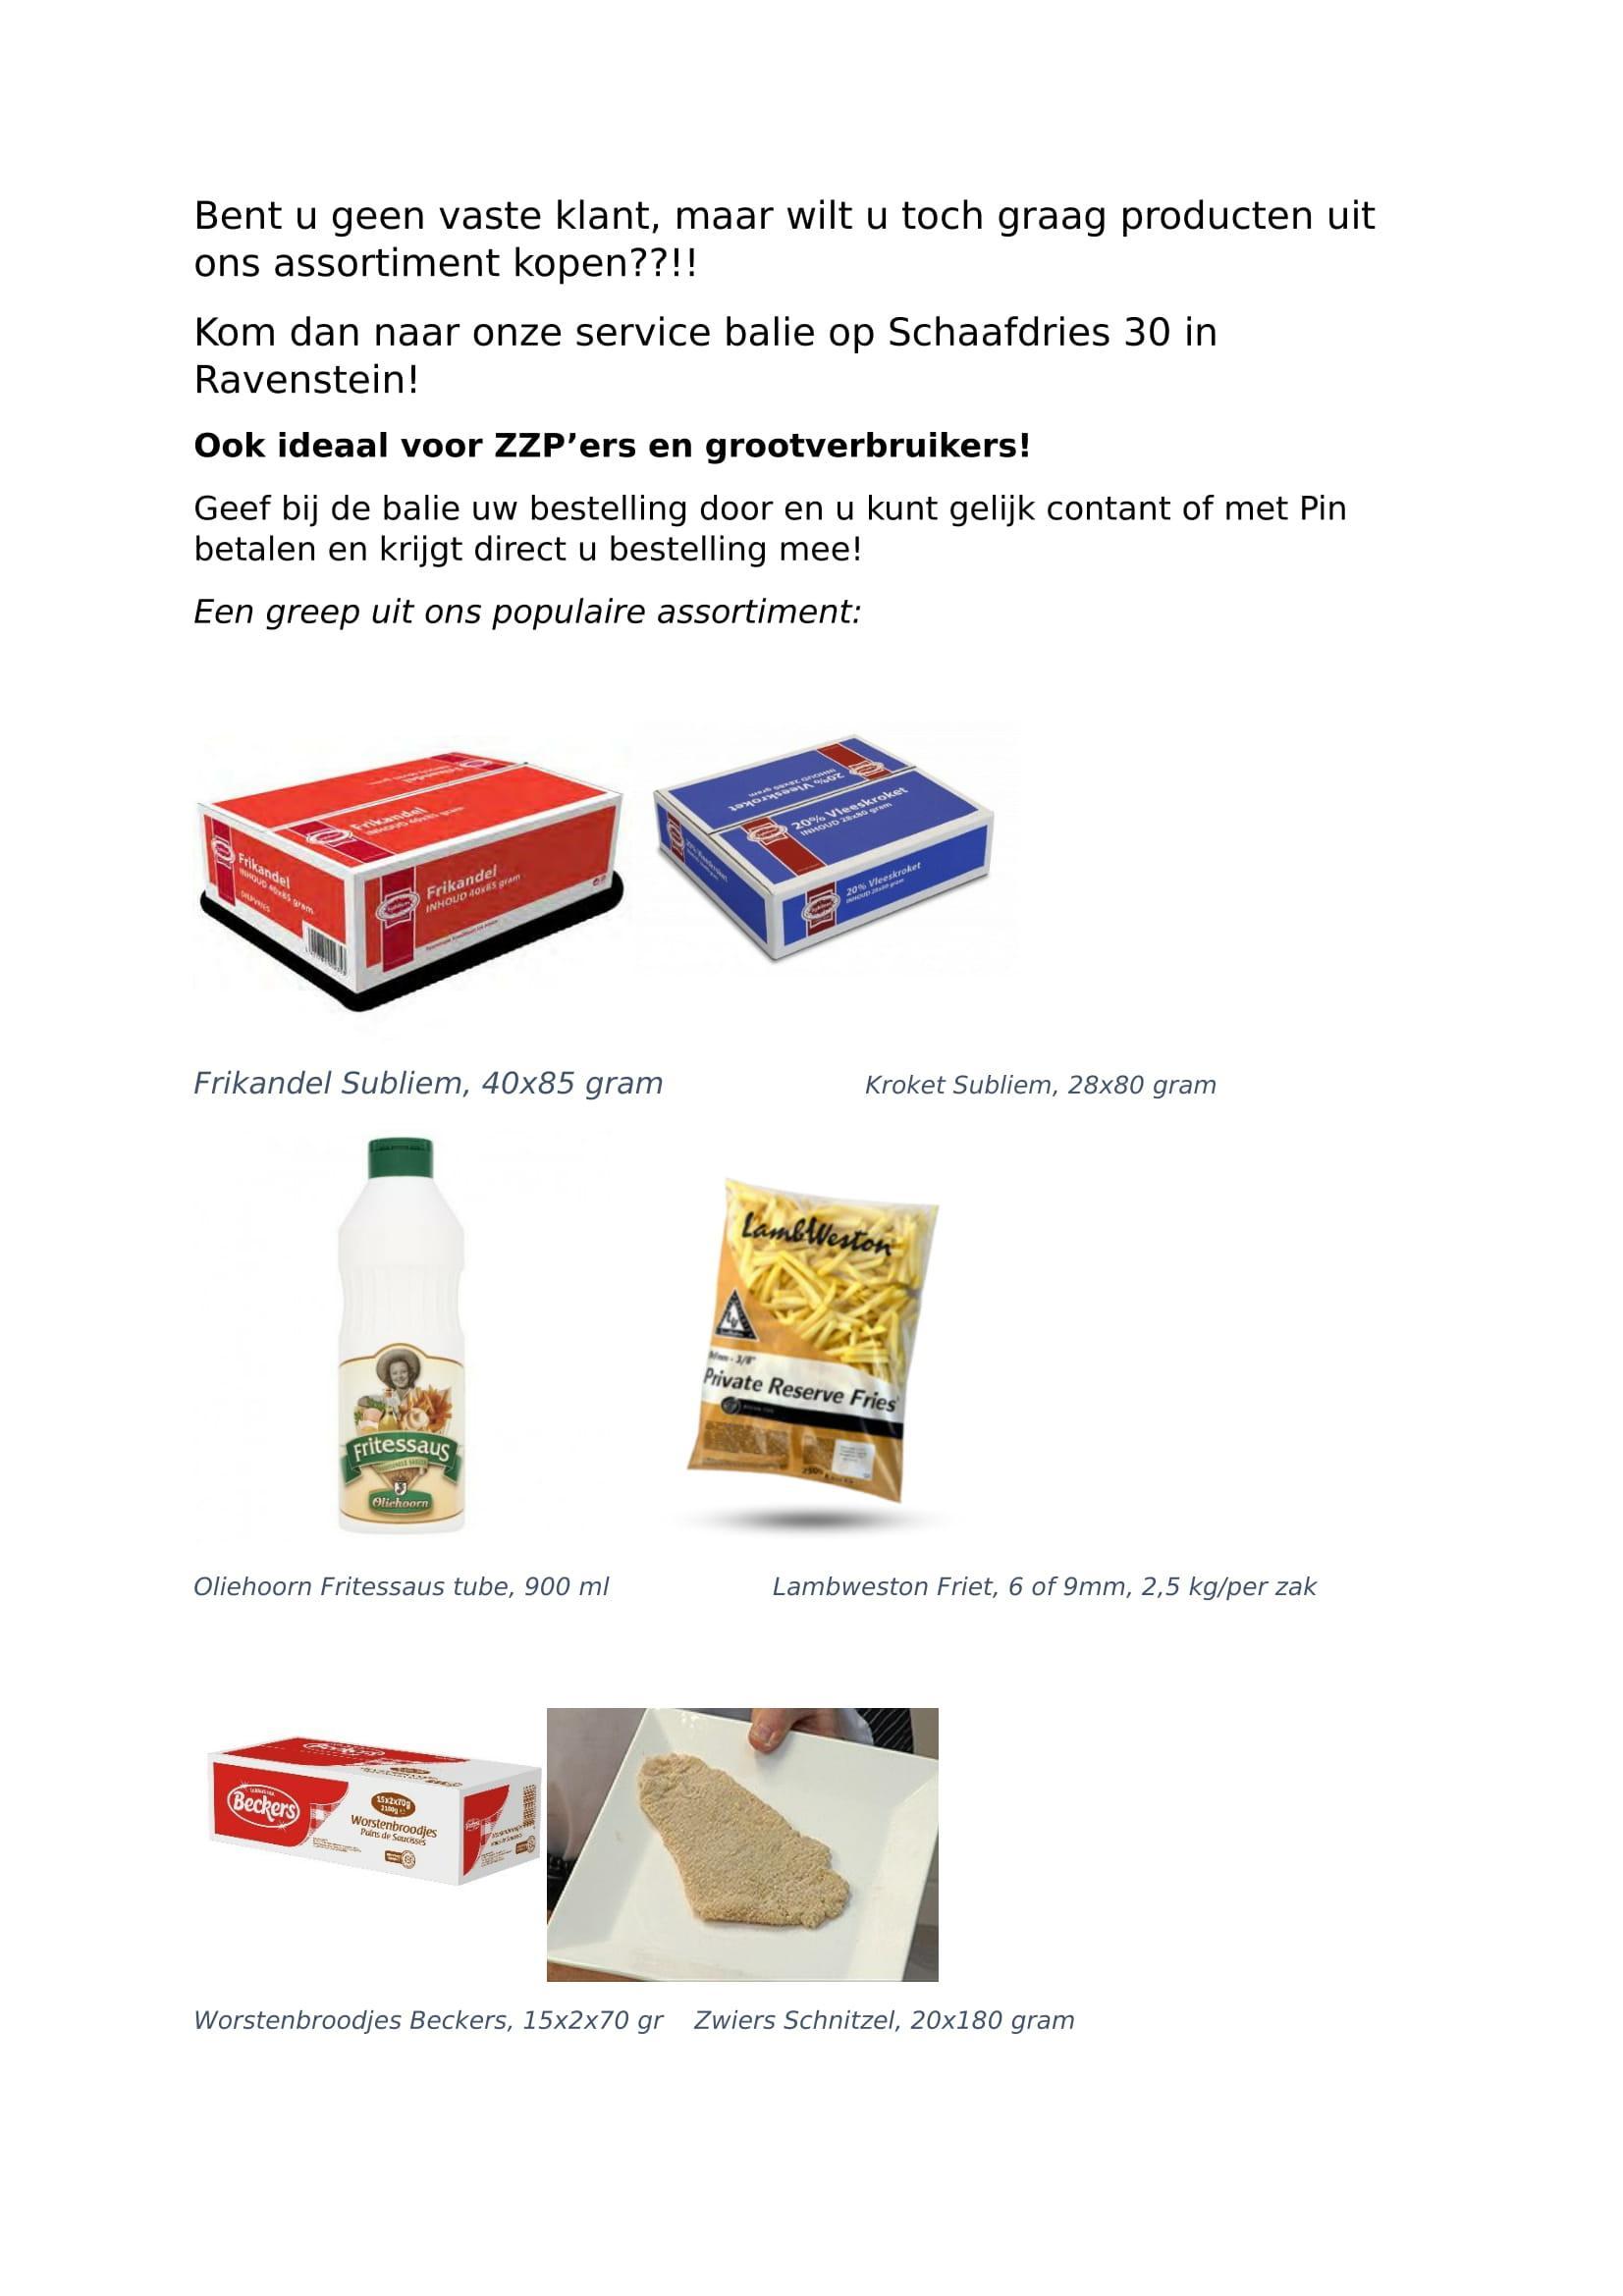 Geinteresseerd in bepaalde producten, maar nog geen vaste klant? Kom dan afhalen aan onze service balie!